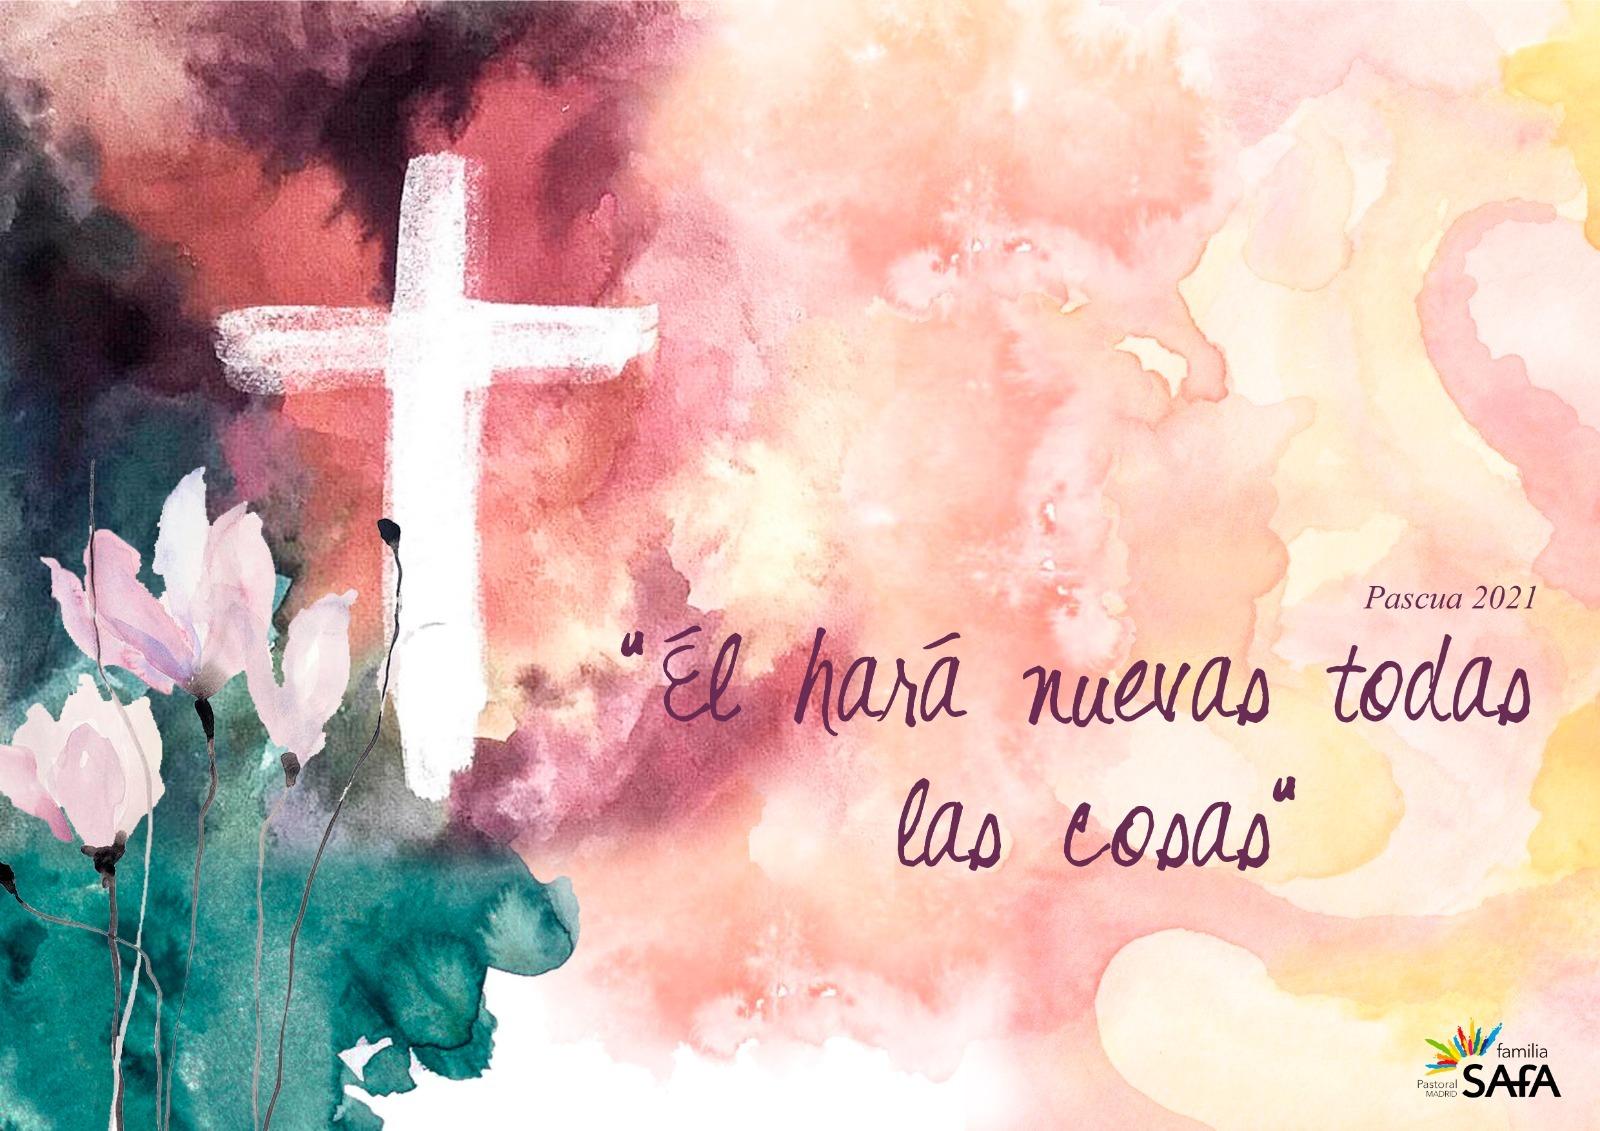 Pascua 20-21